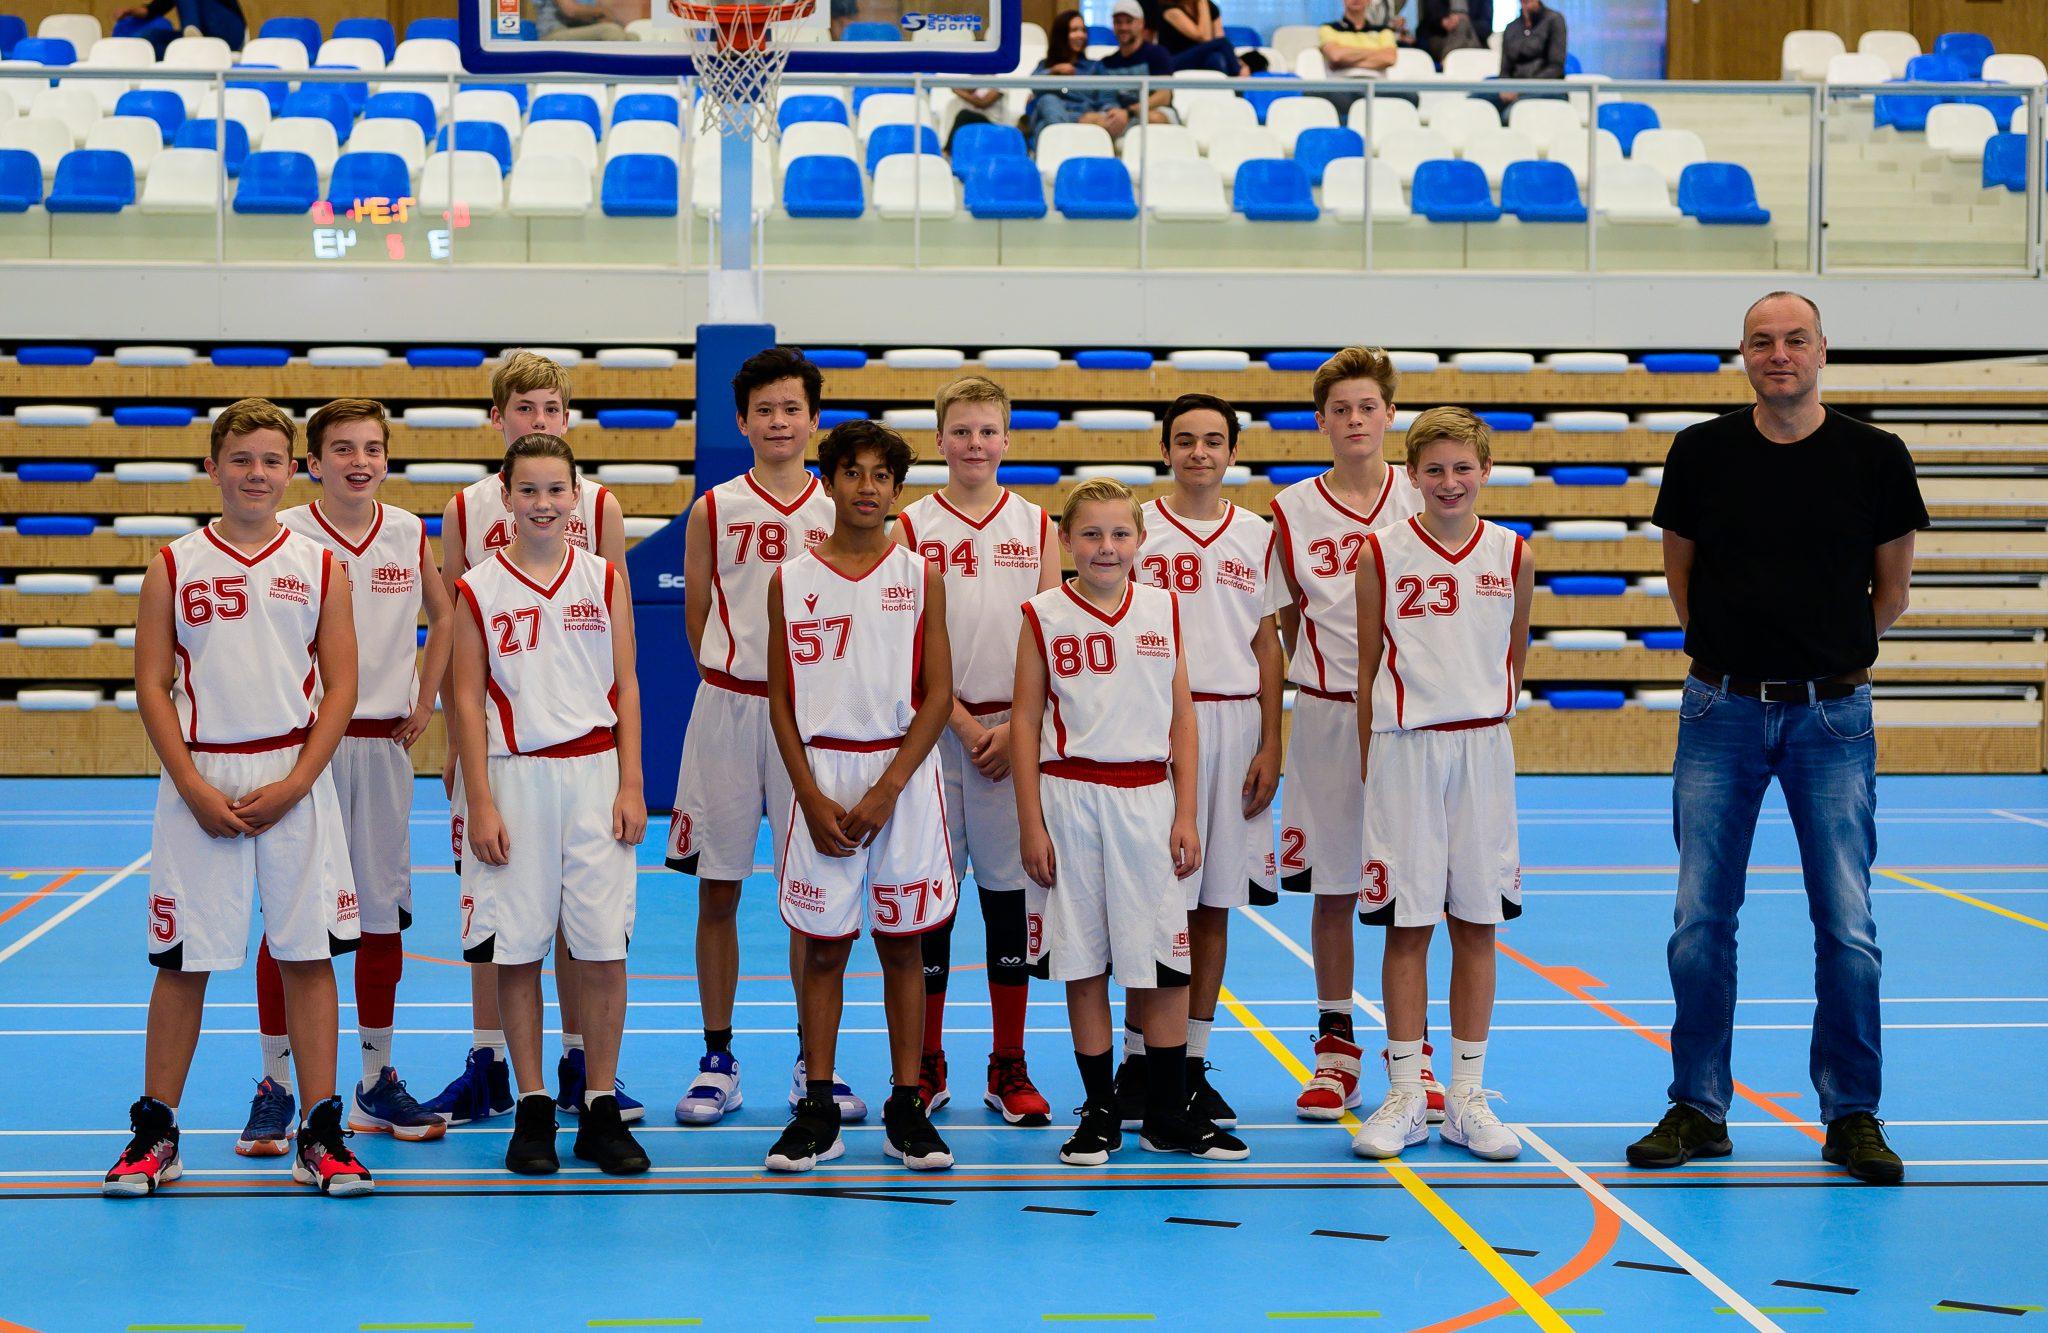 Teamfoto BV Hoofddorp M14 1